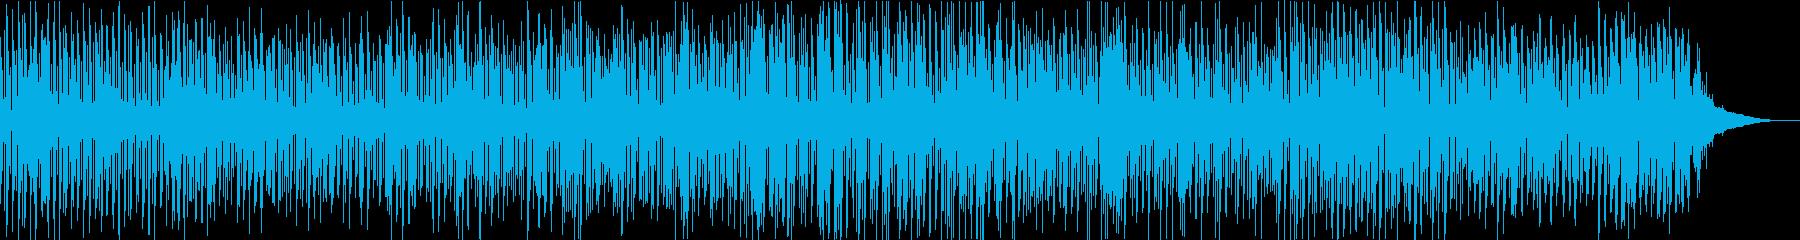 寂しげでもなぜか明るい雰囲気のBGMの再生済みの波形